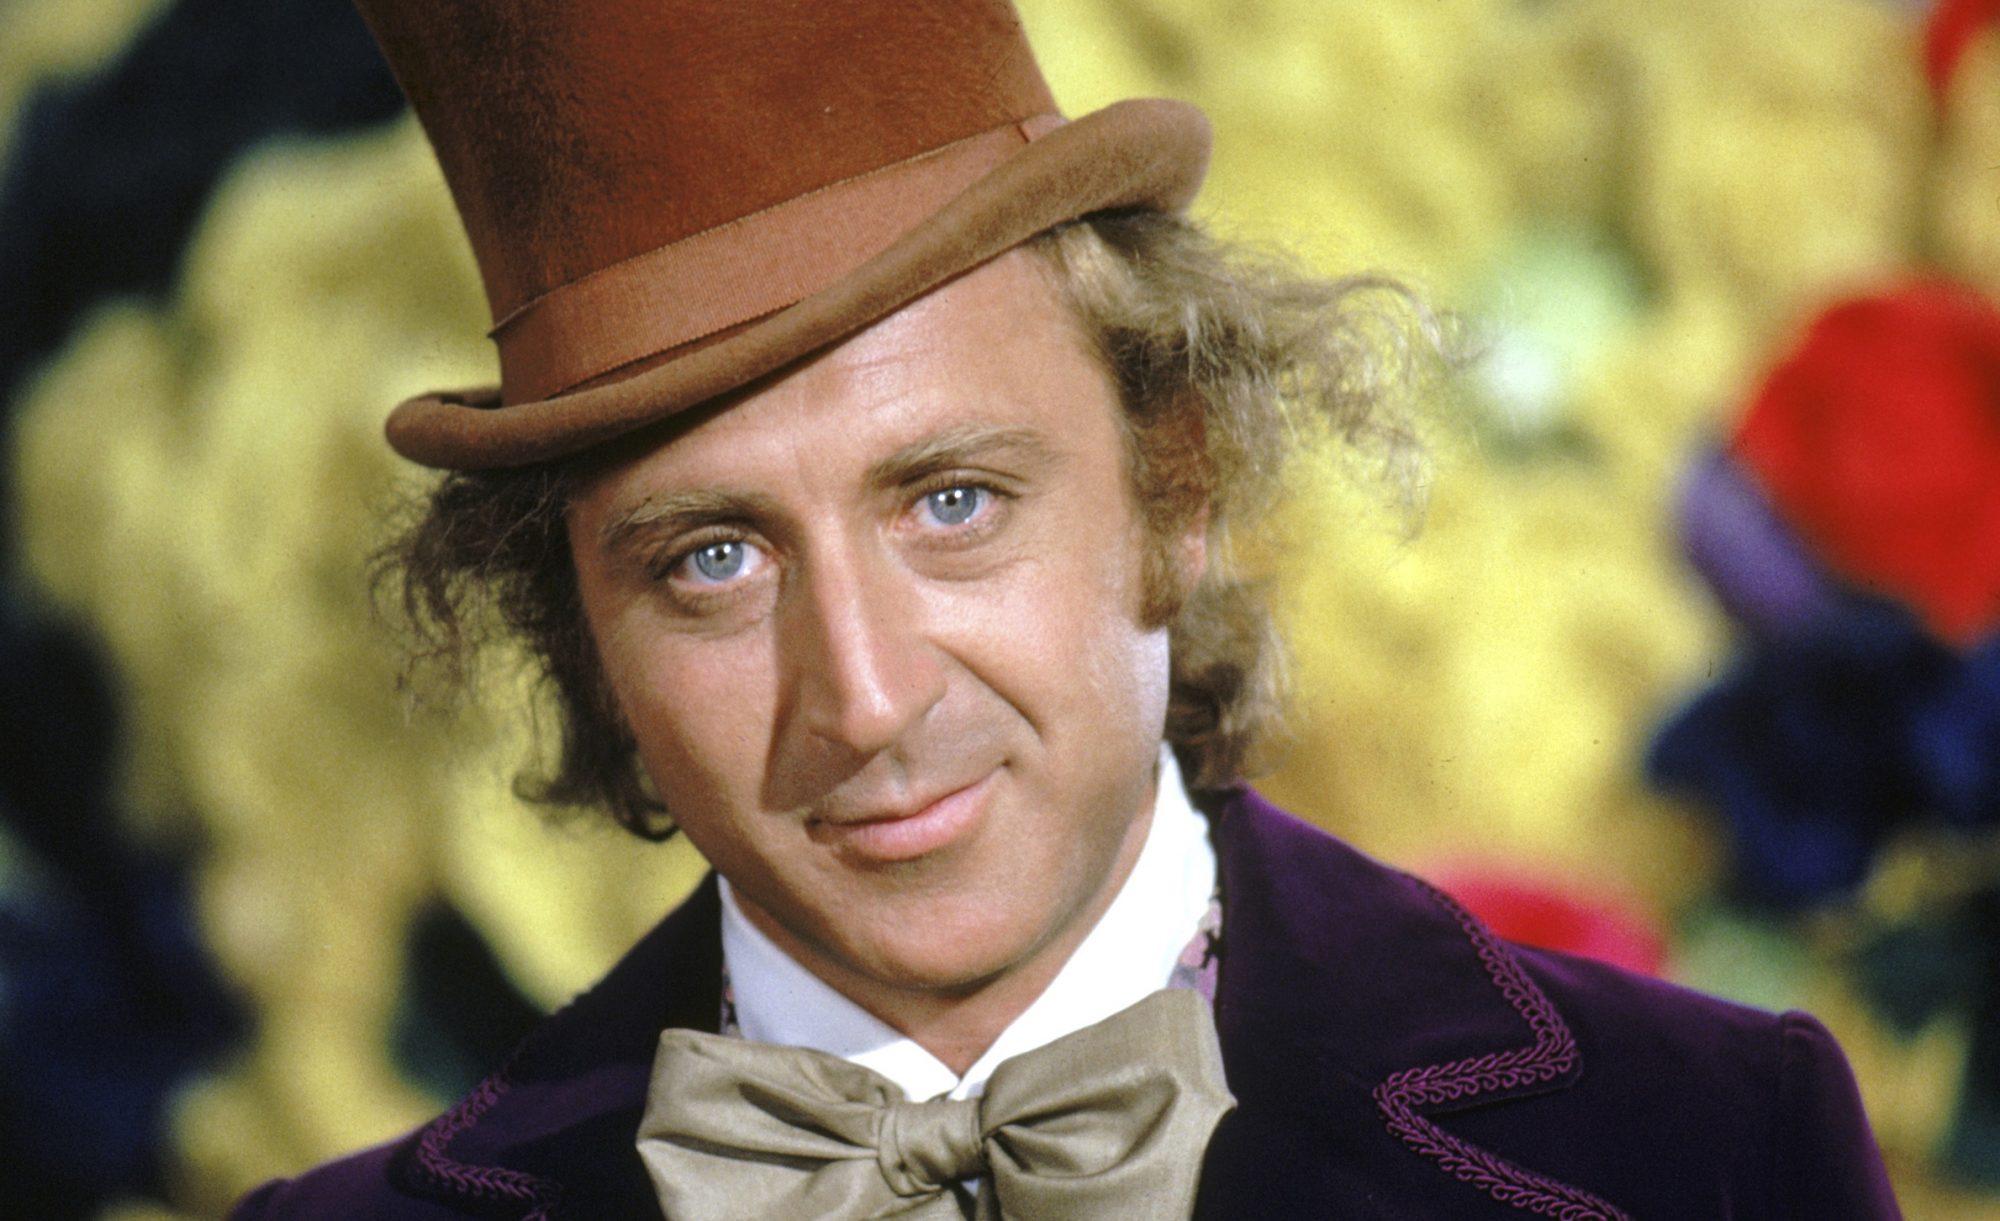 Willy Wonka Wilder